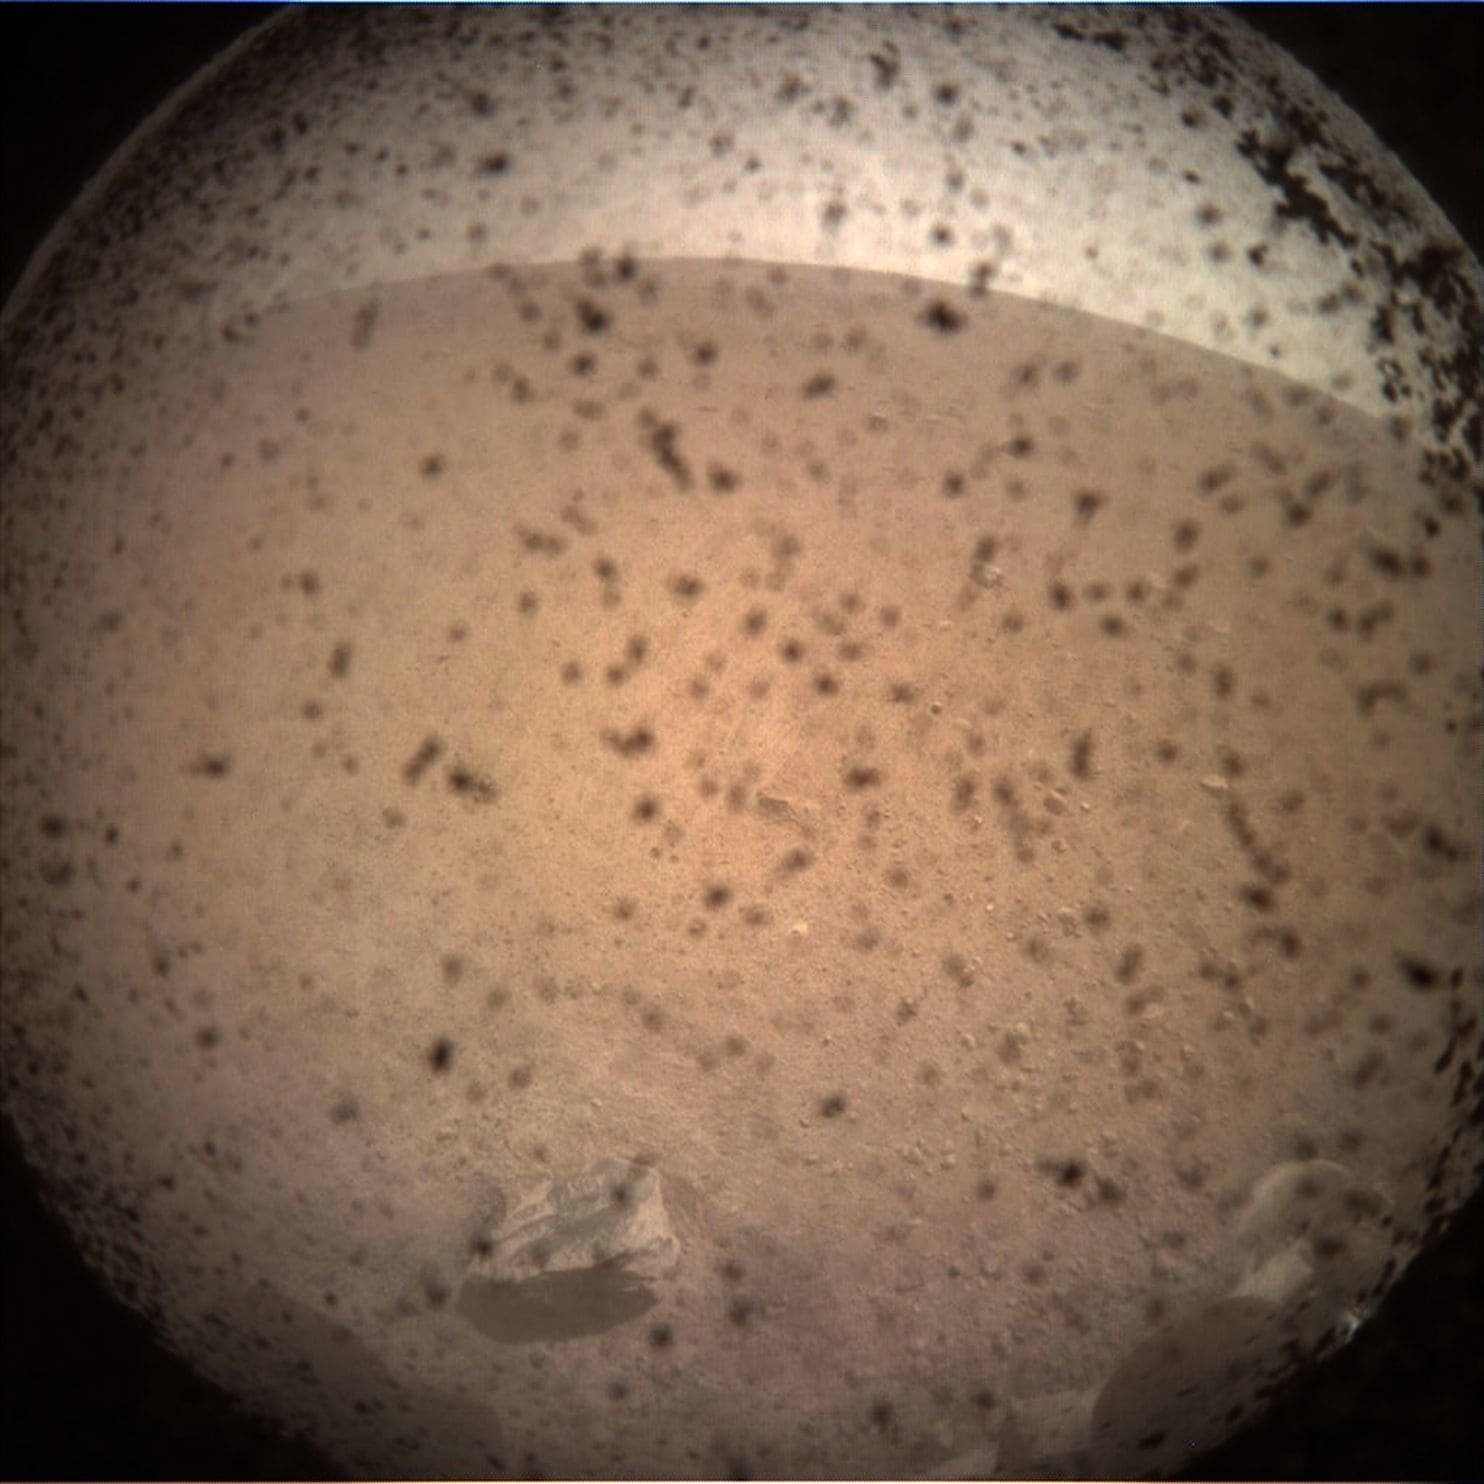 Опубликованы первые фотографии с поверхности Марса (2)